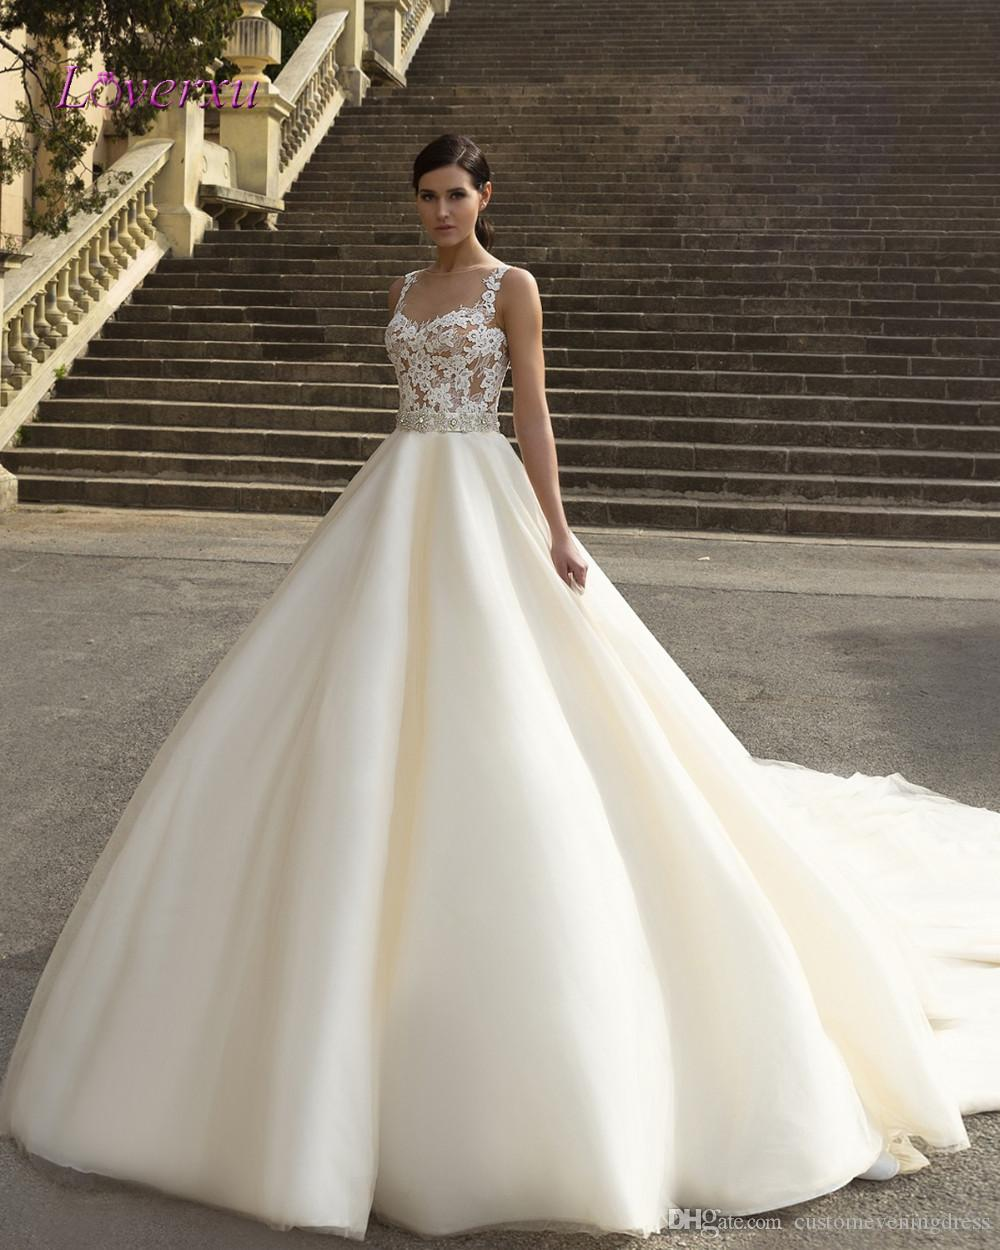 Loverxu Robe De Mariage Royal Train A Ligne Robe De Mariée 2018 De Luxe Appliques Sashes Dentelle Jusqu'à Tulle Pas Cher Robe De Mariée Plus La Taille